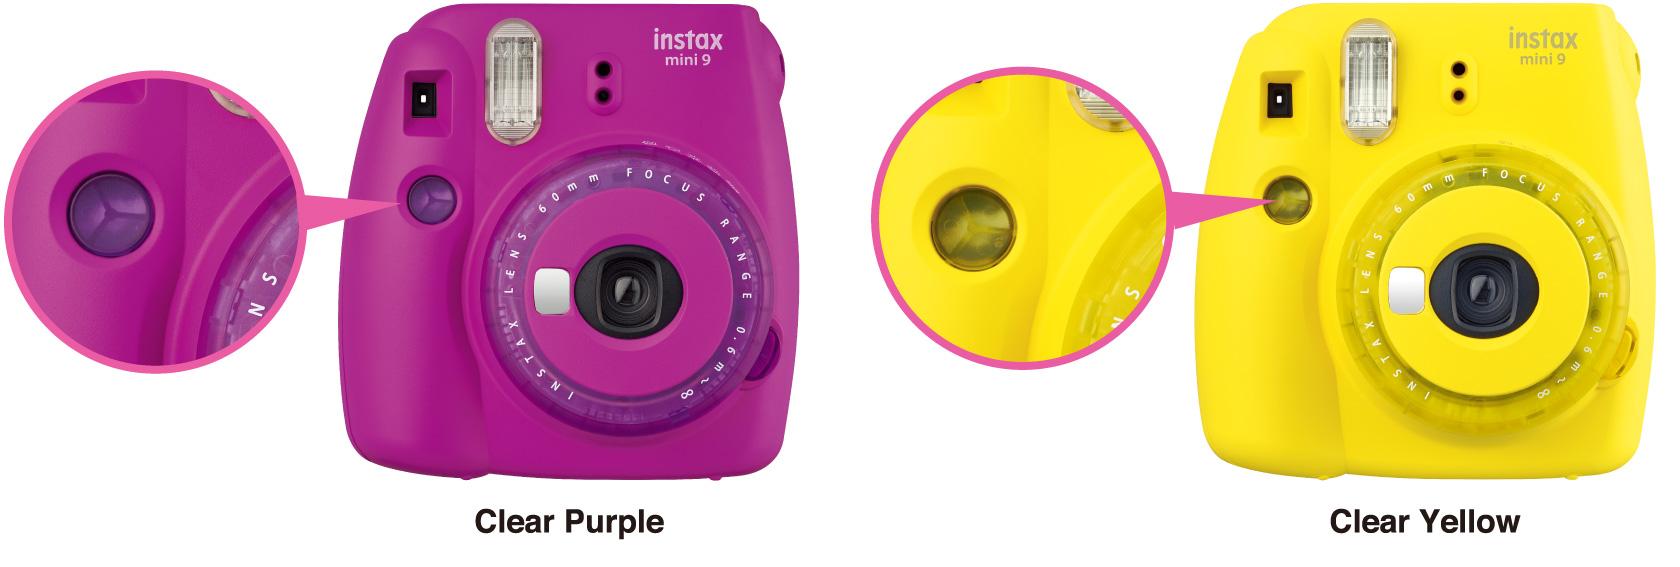 Cámaras de edición limitada púrpura y amarilla Mini 9